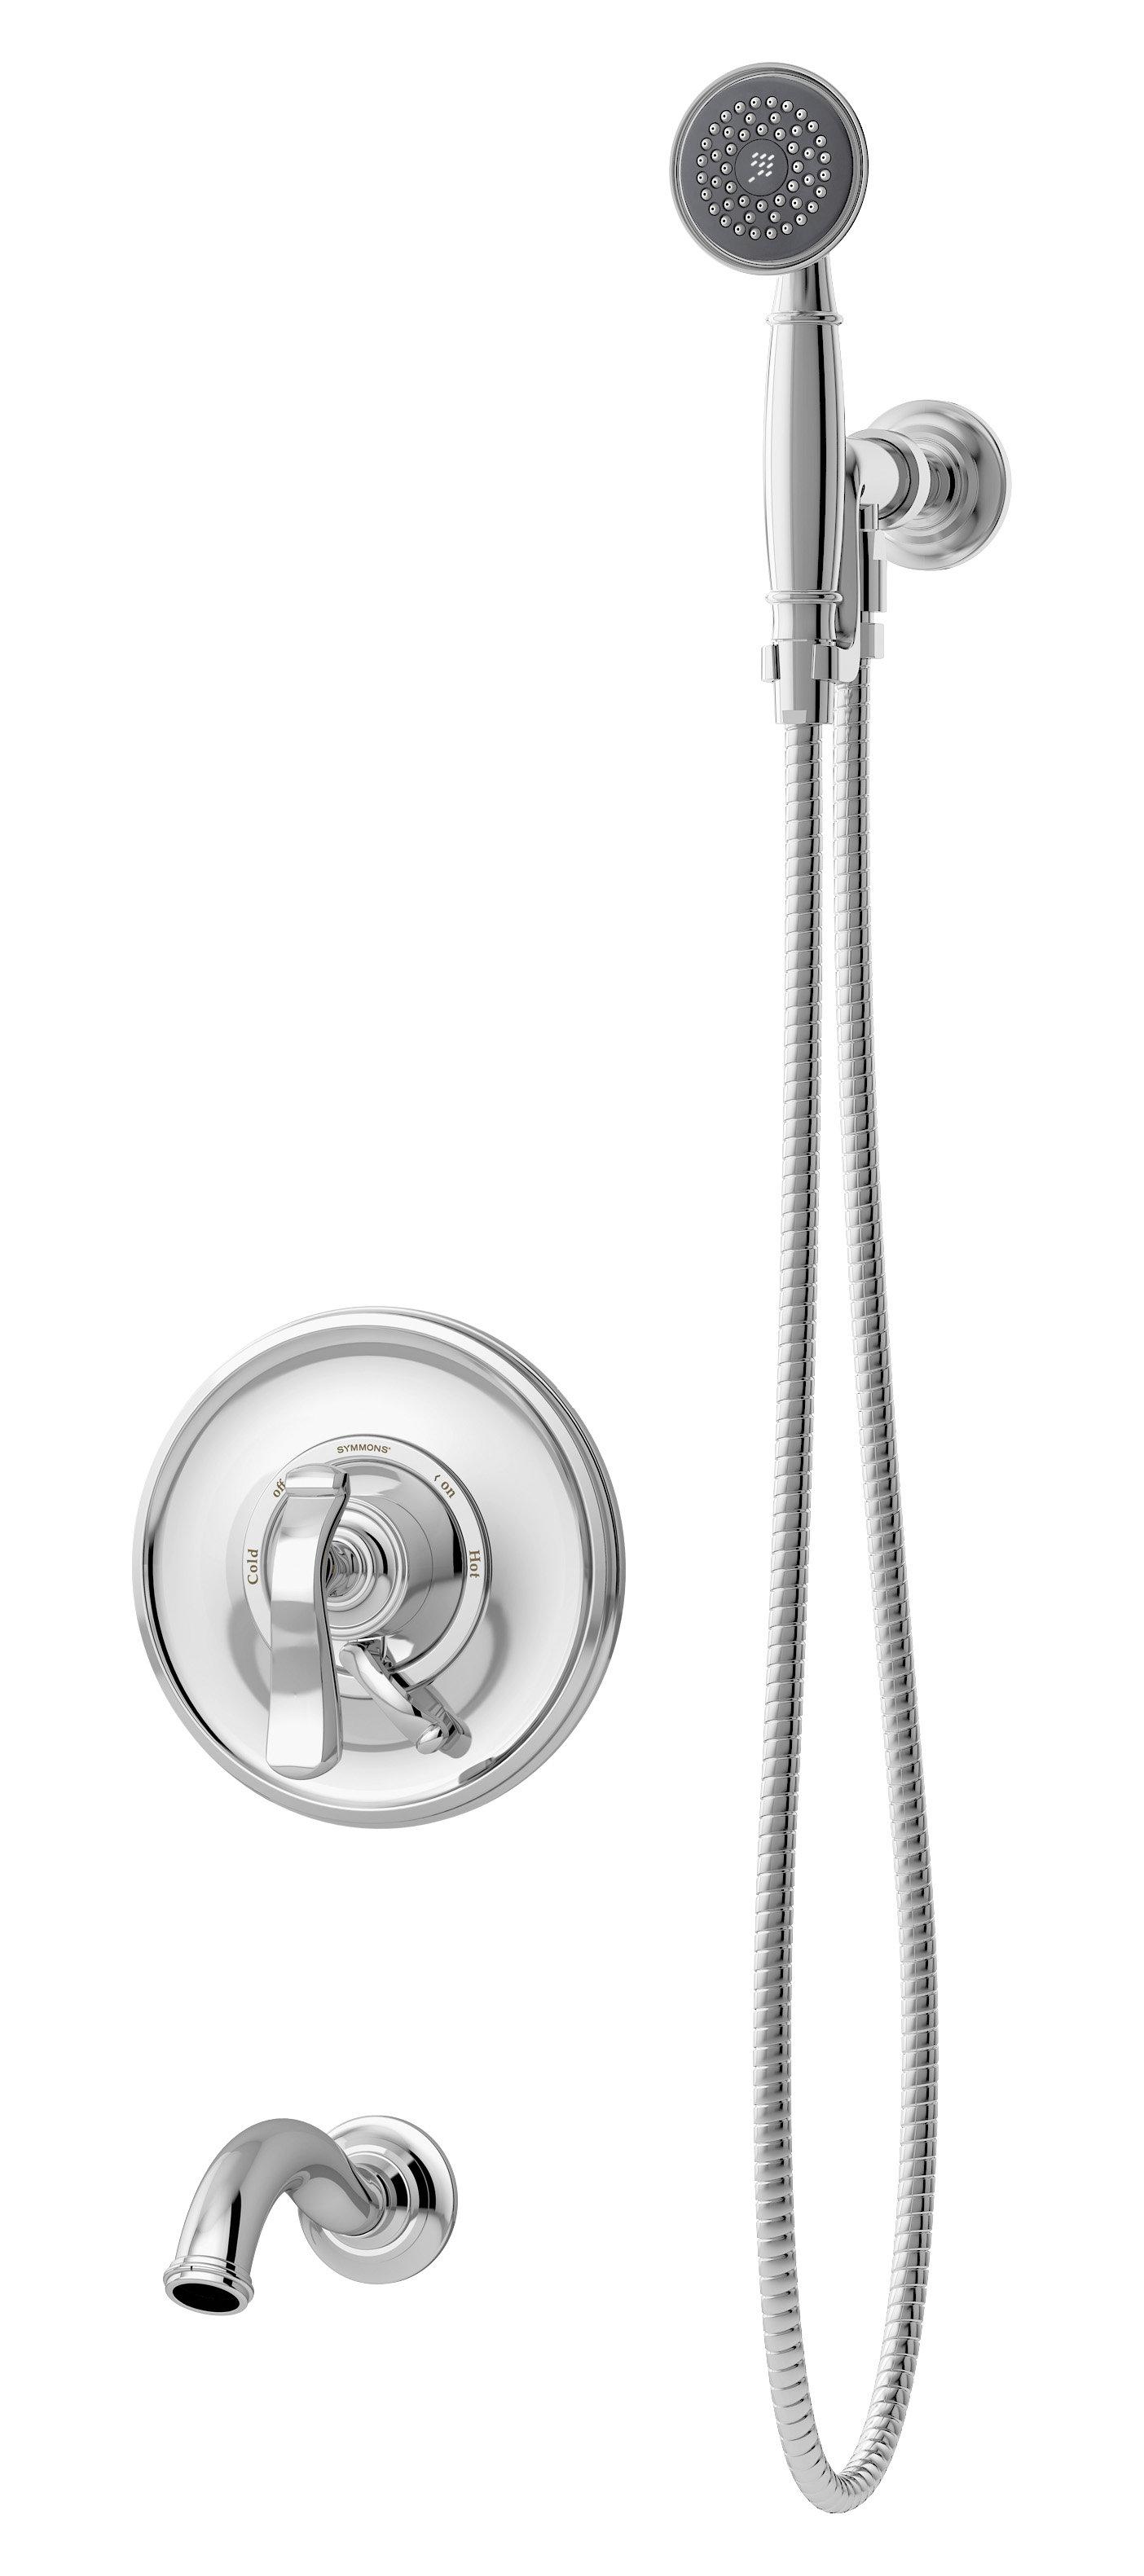 Winslet Pressure Balanced Diverter Fixed Shower Head Complete Shower System